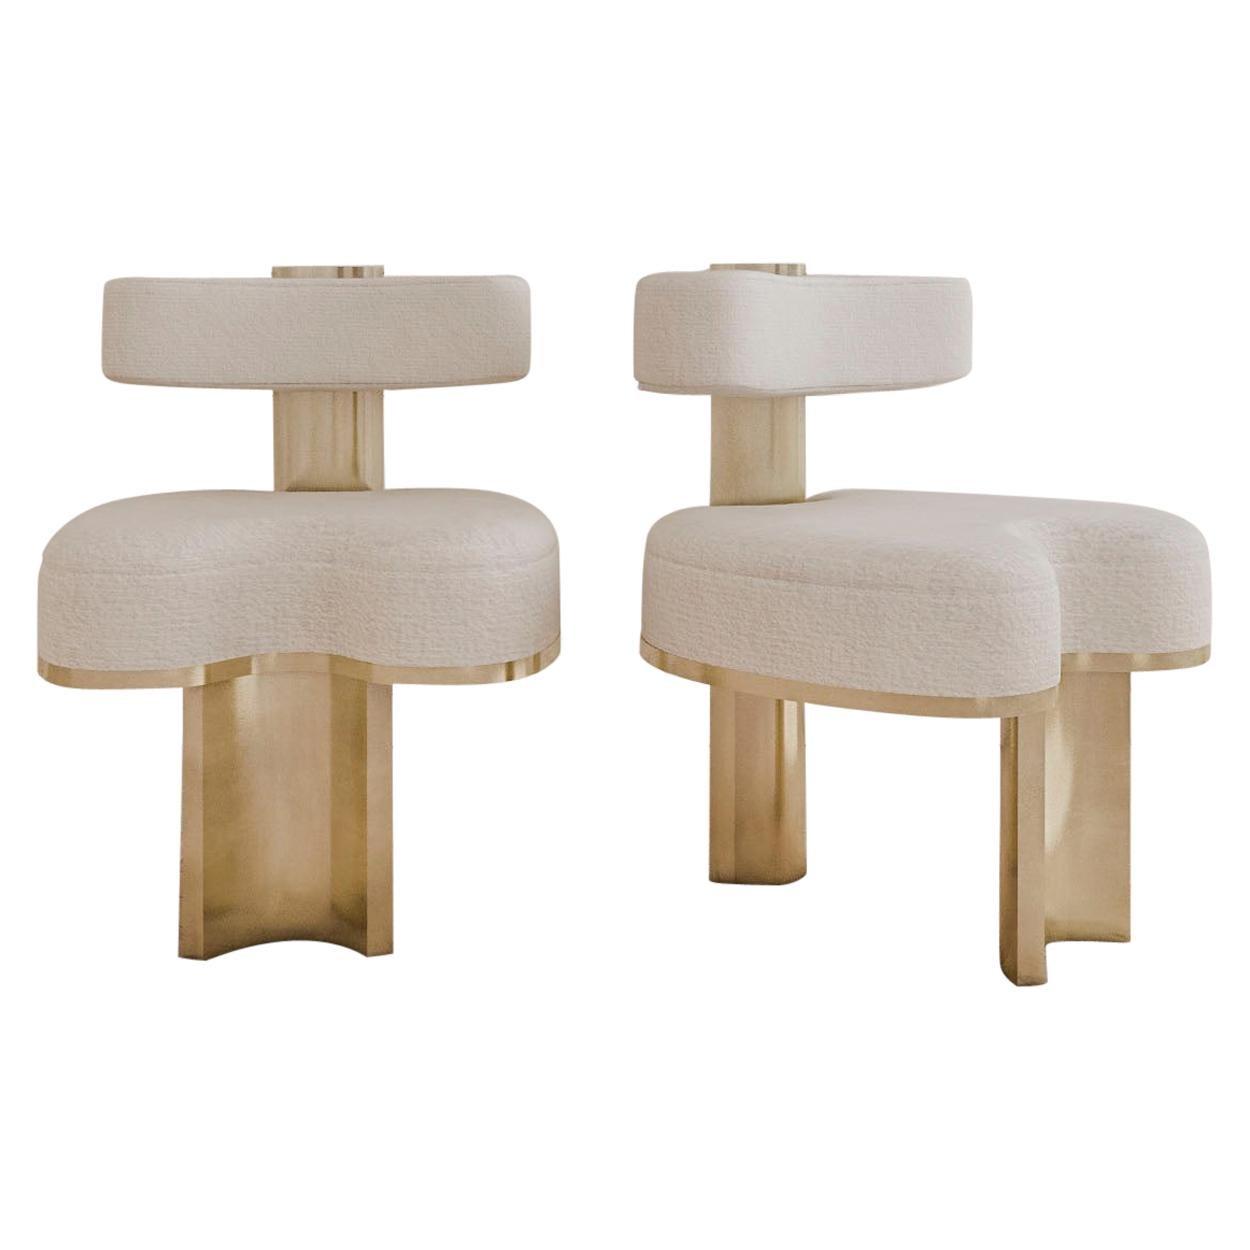 Set of 2 Gold Yoda Chairs by Melis Tatlicibasi